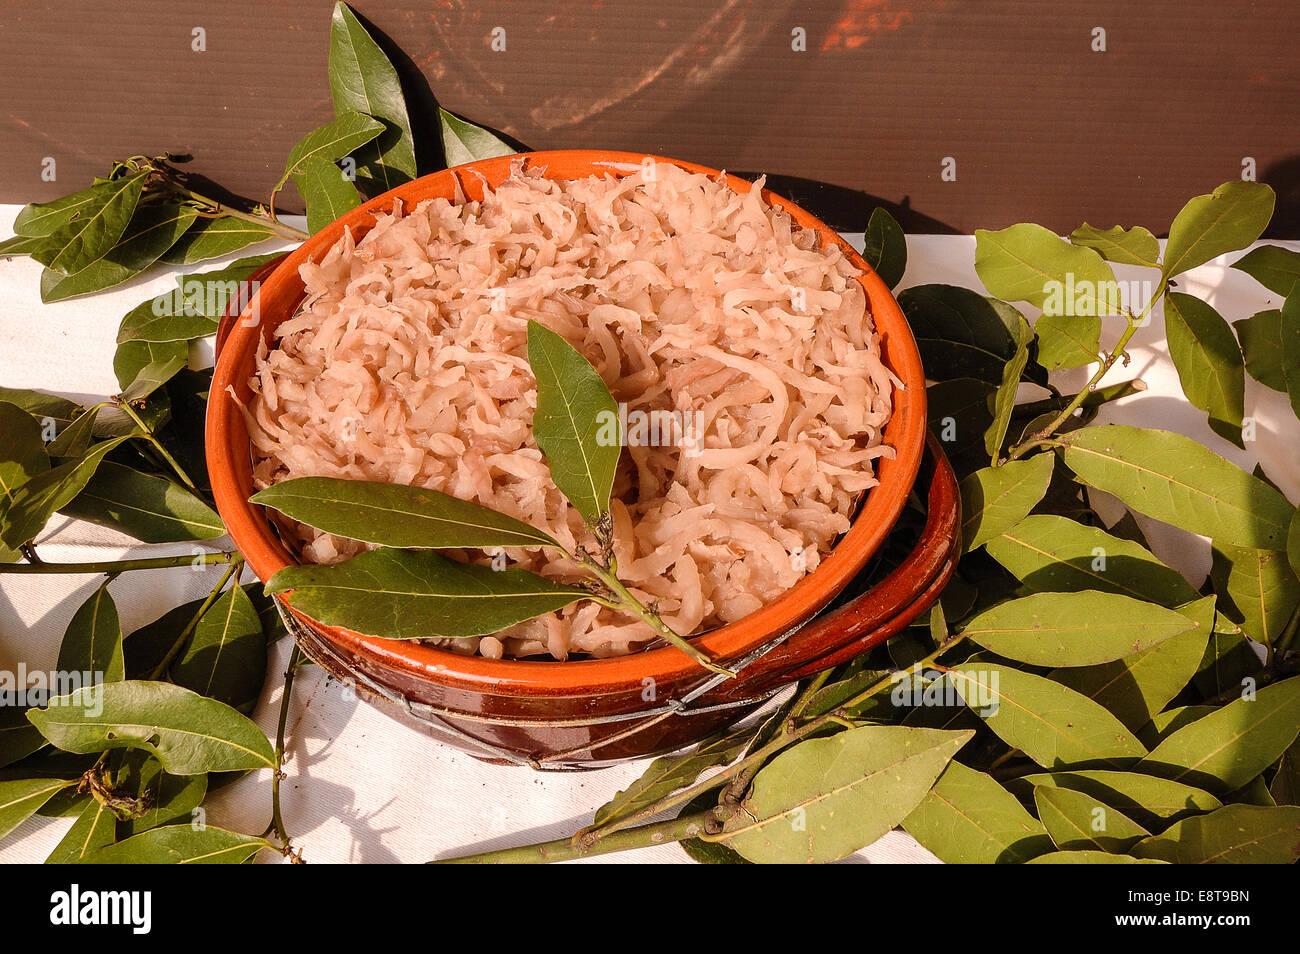 Italia friuli v g cividale cucina tipica brovada una for Cucina atipica roma